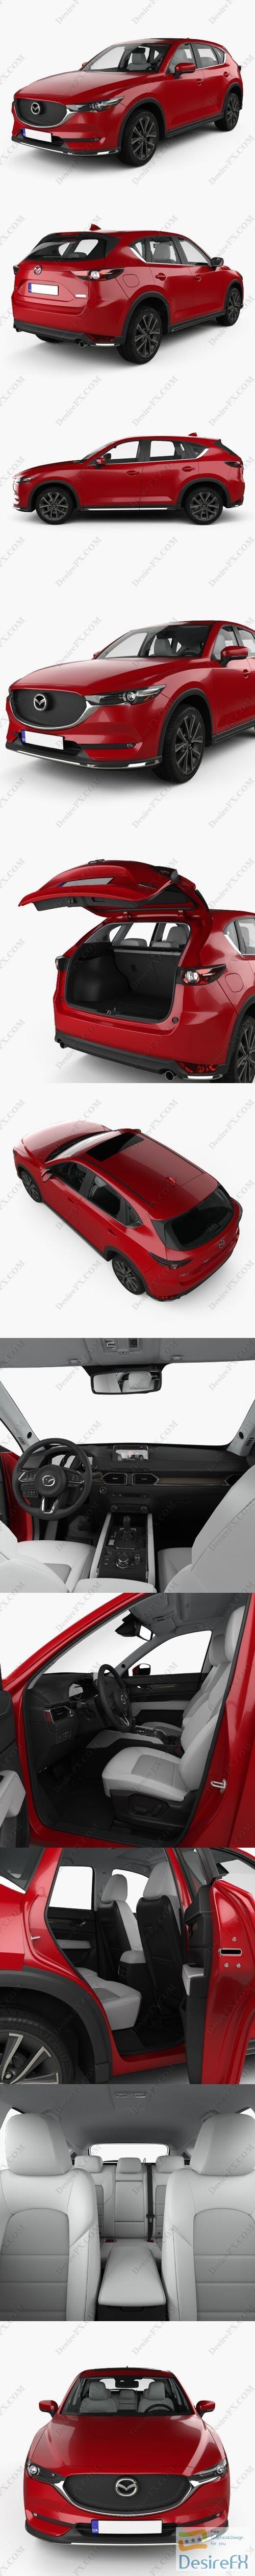 Mazda CX-5 with HQ interior 2017 3D Model